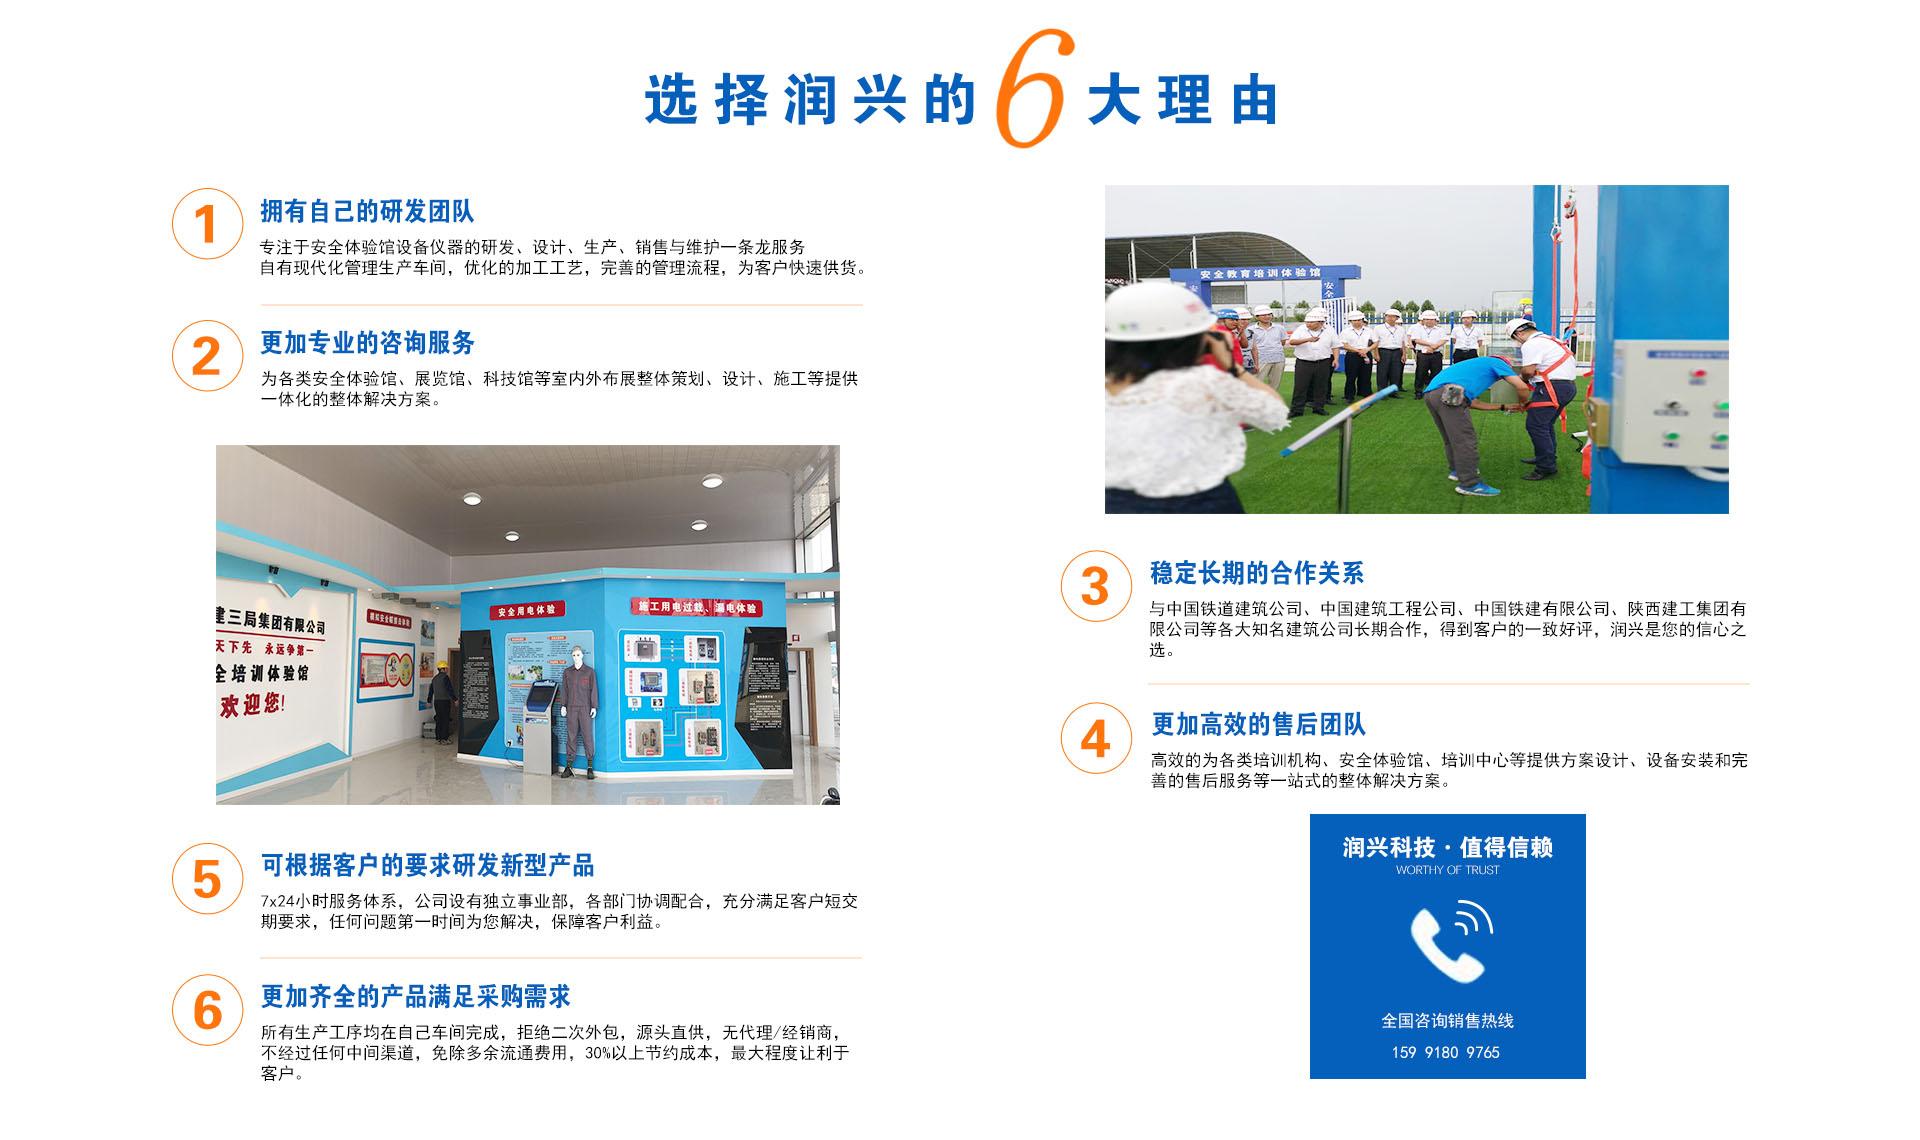 西安润兴电子科技有限公司